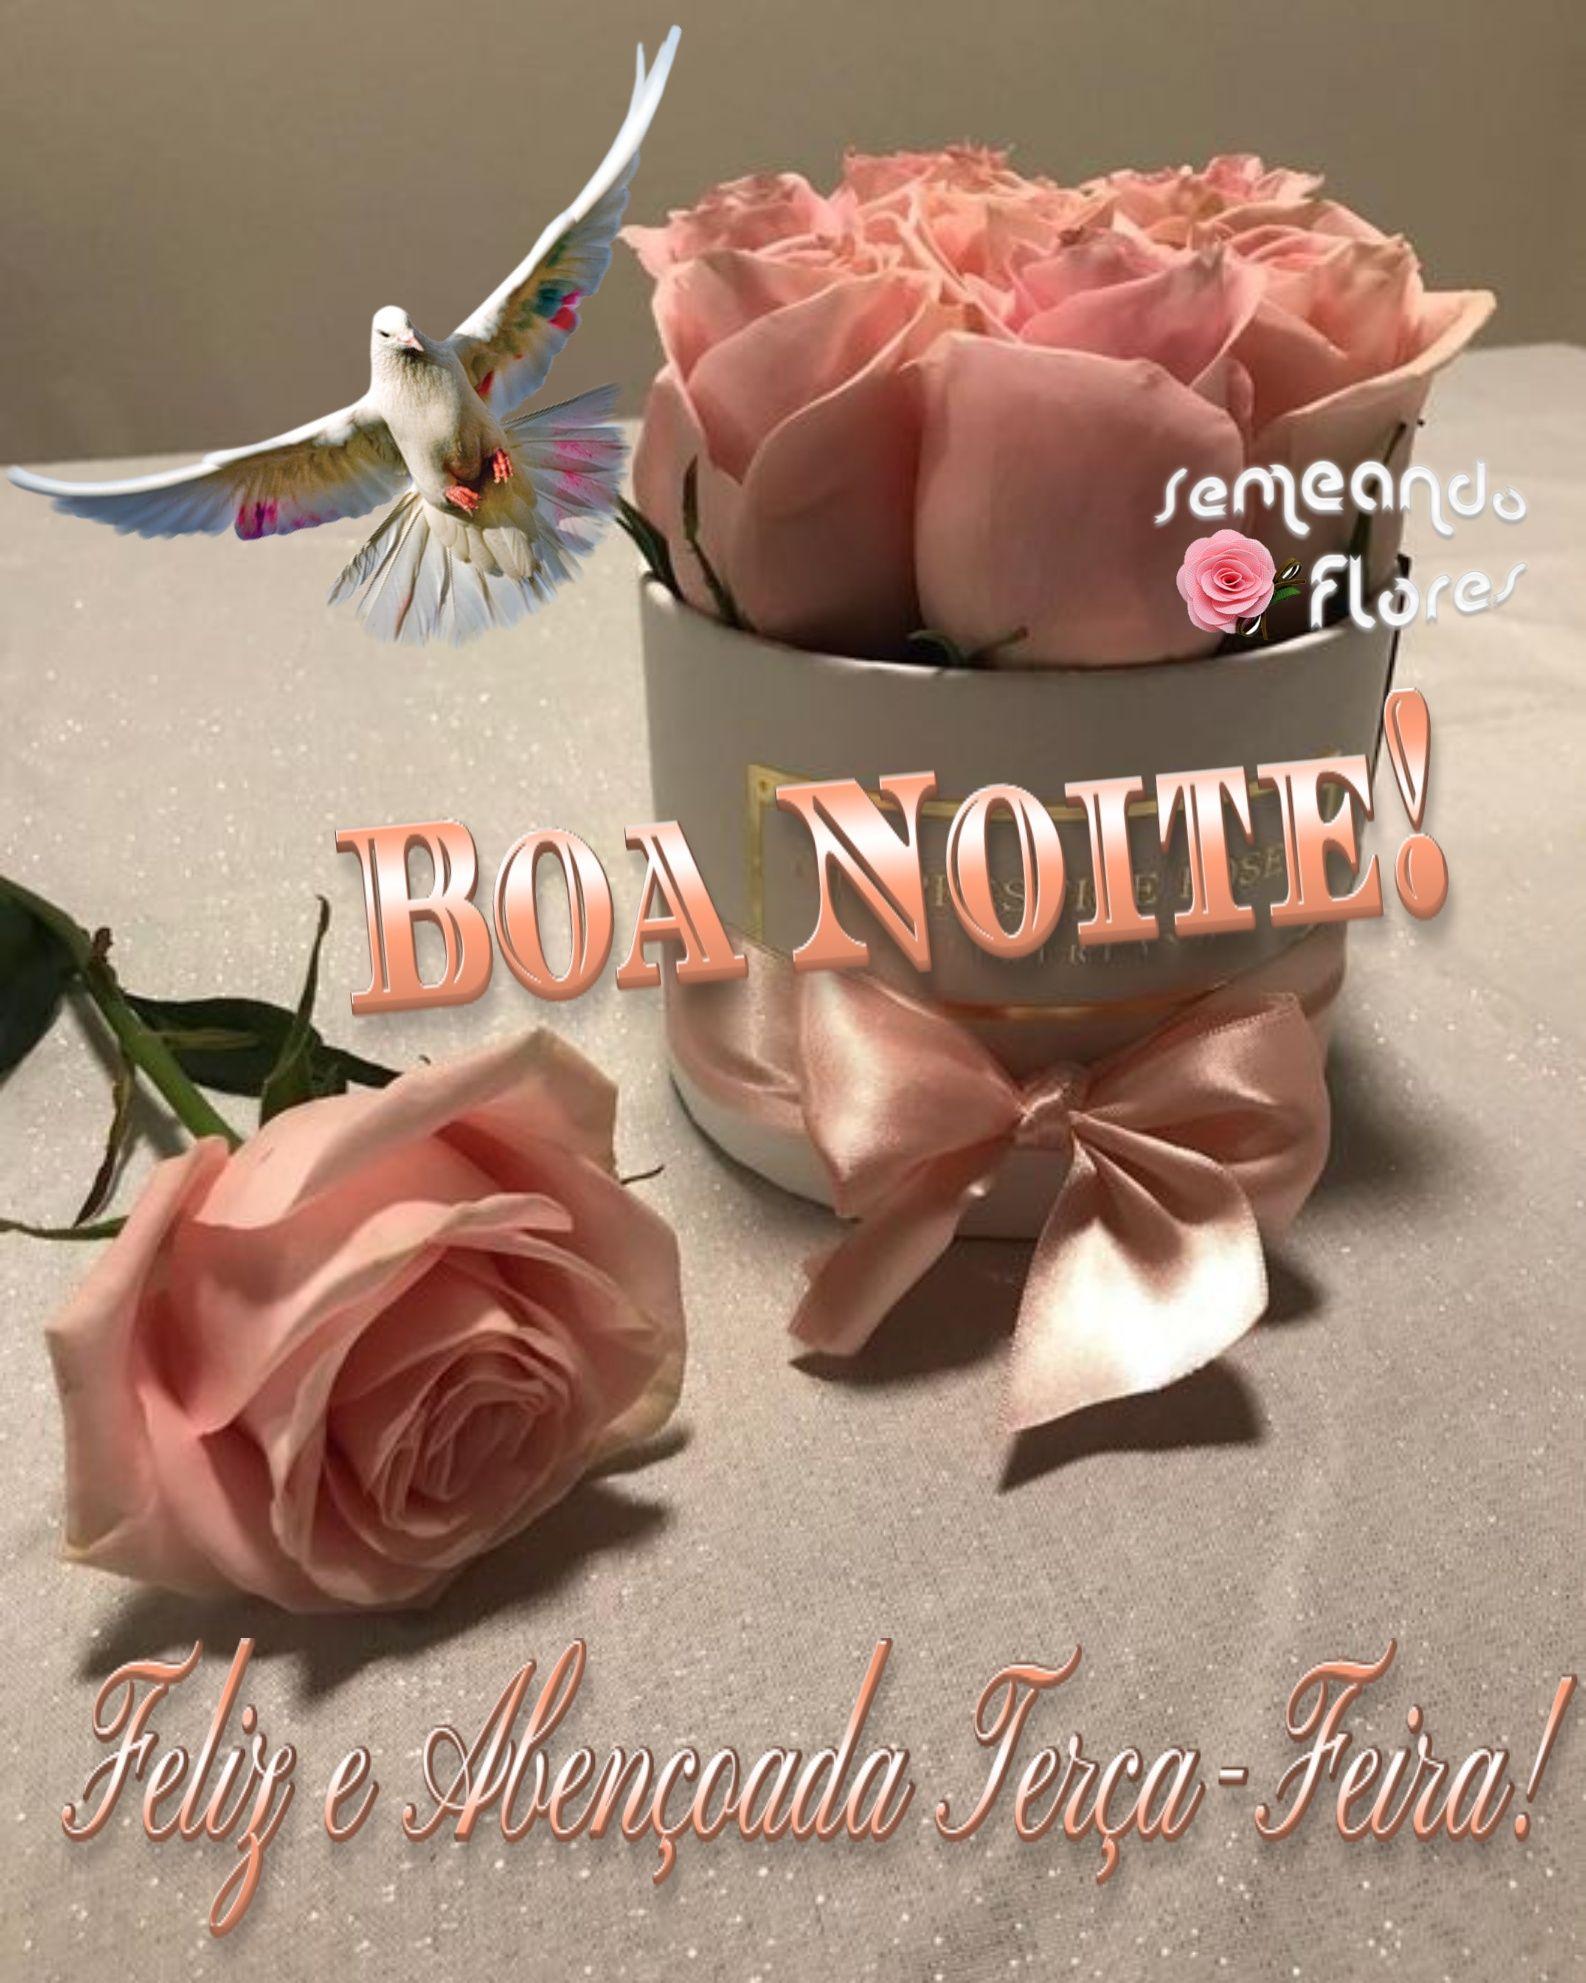 Pin De Cidinha Nobrega Em Semeando Flores 6 Mensagem Com Flores